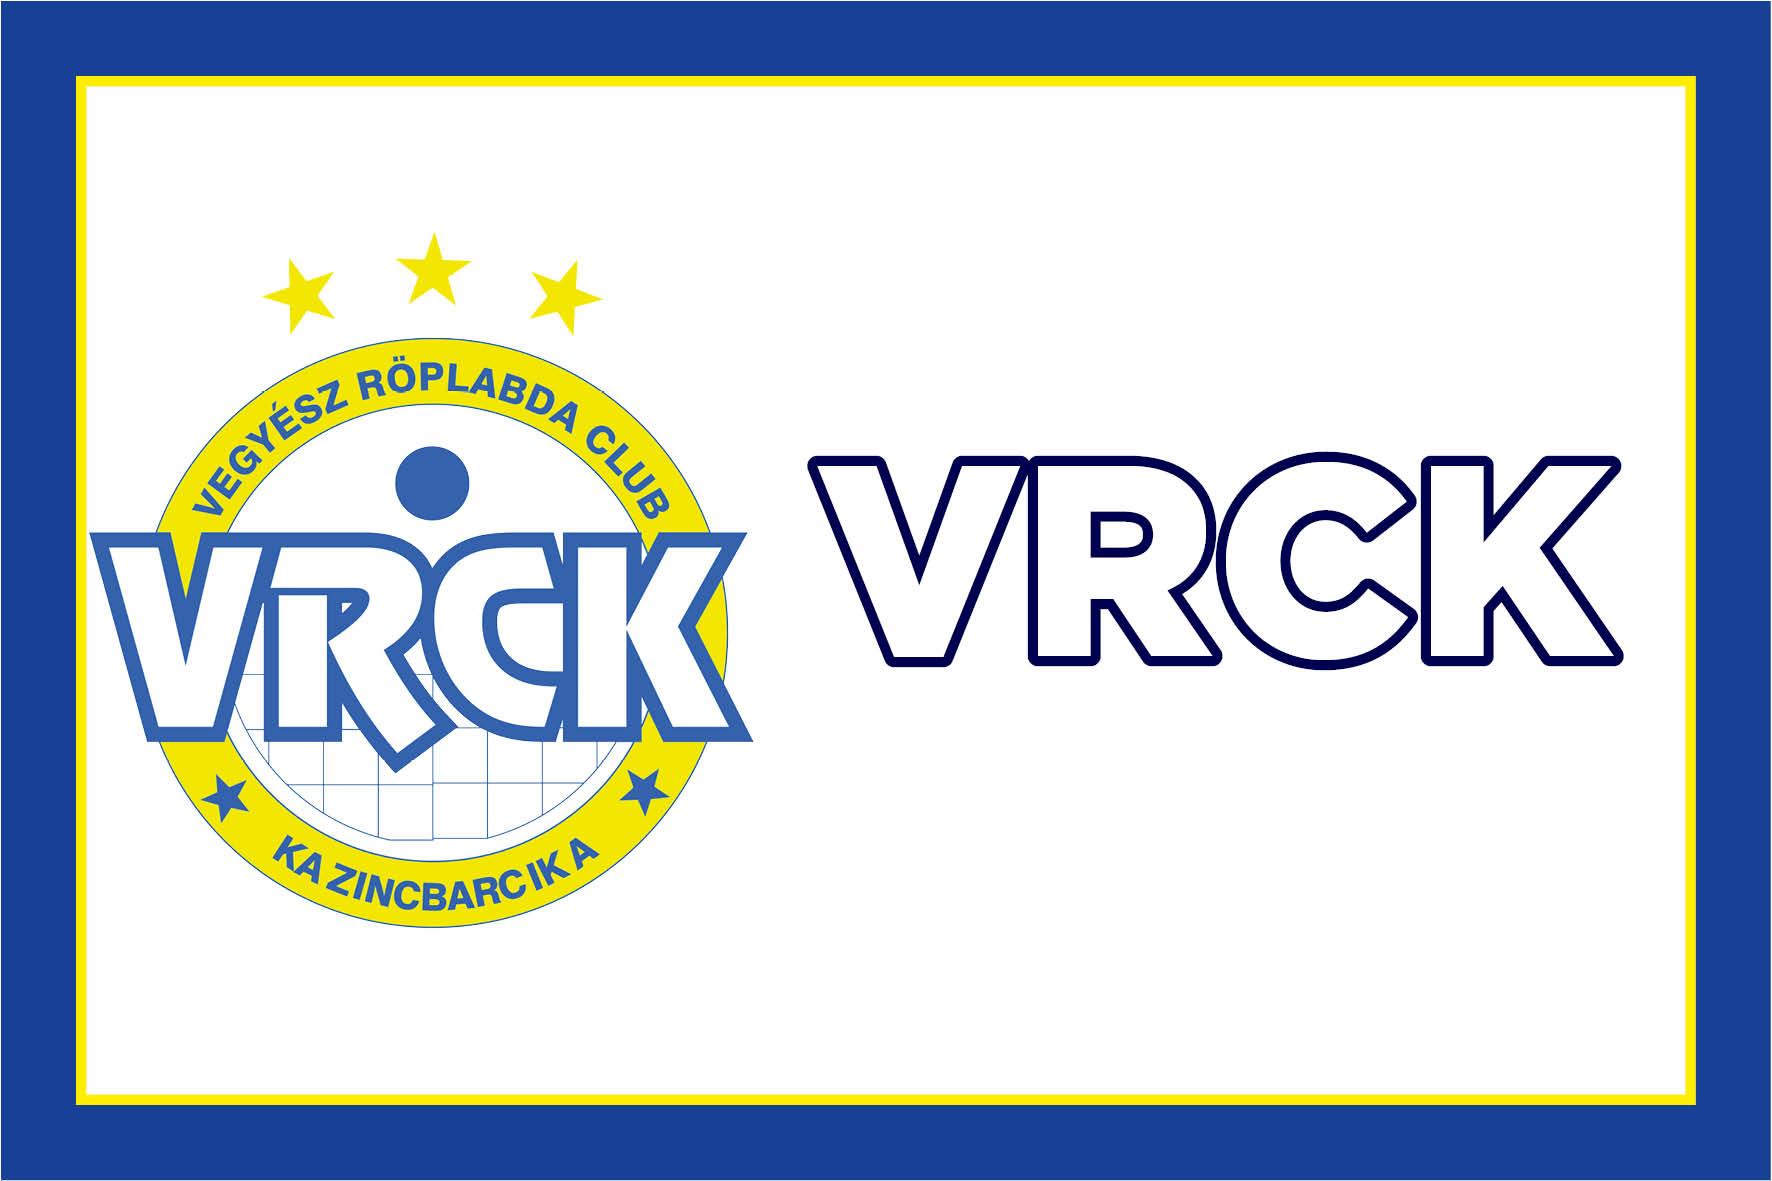 https://kolorline.hu/Női röplabda csapatot indít a Vegyész RC Kazincbarcika